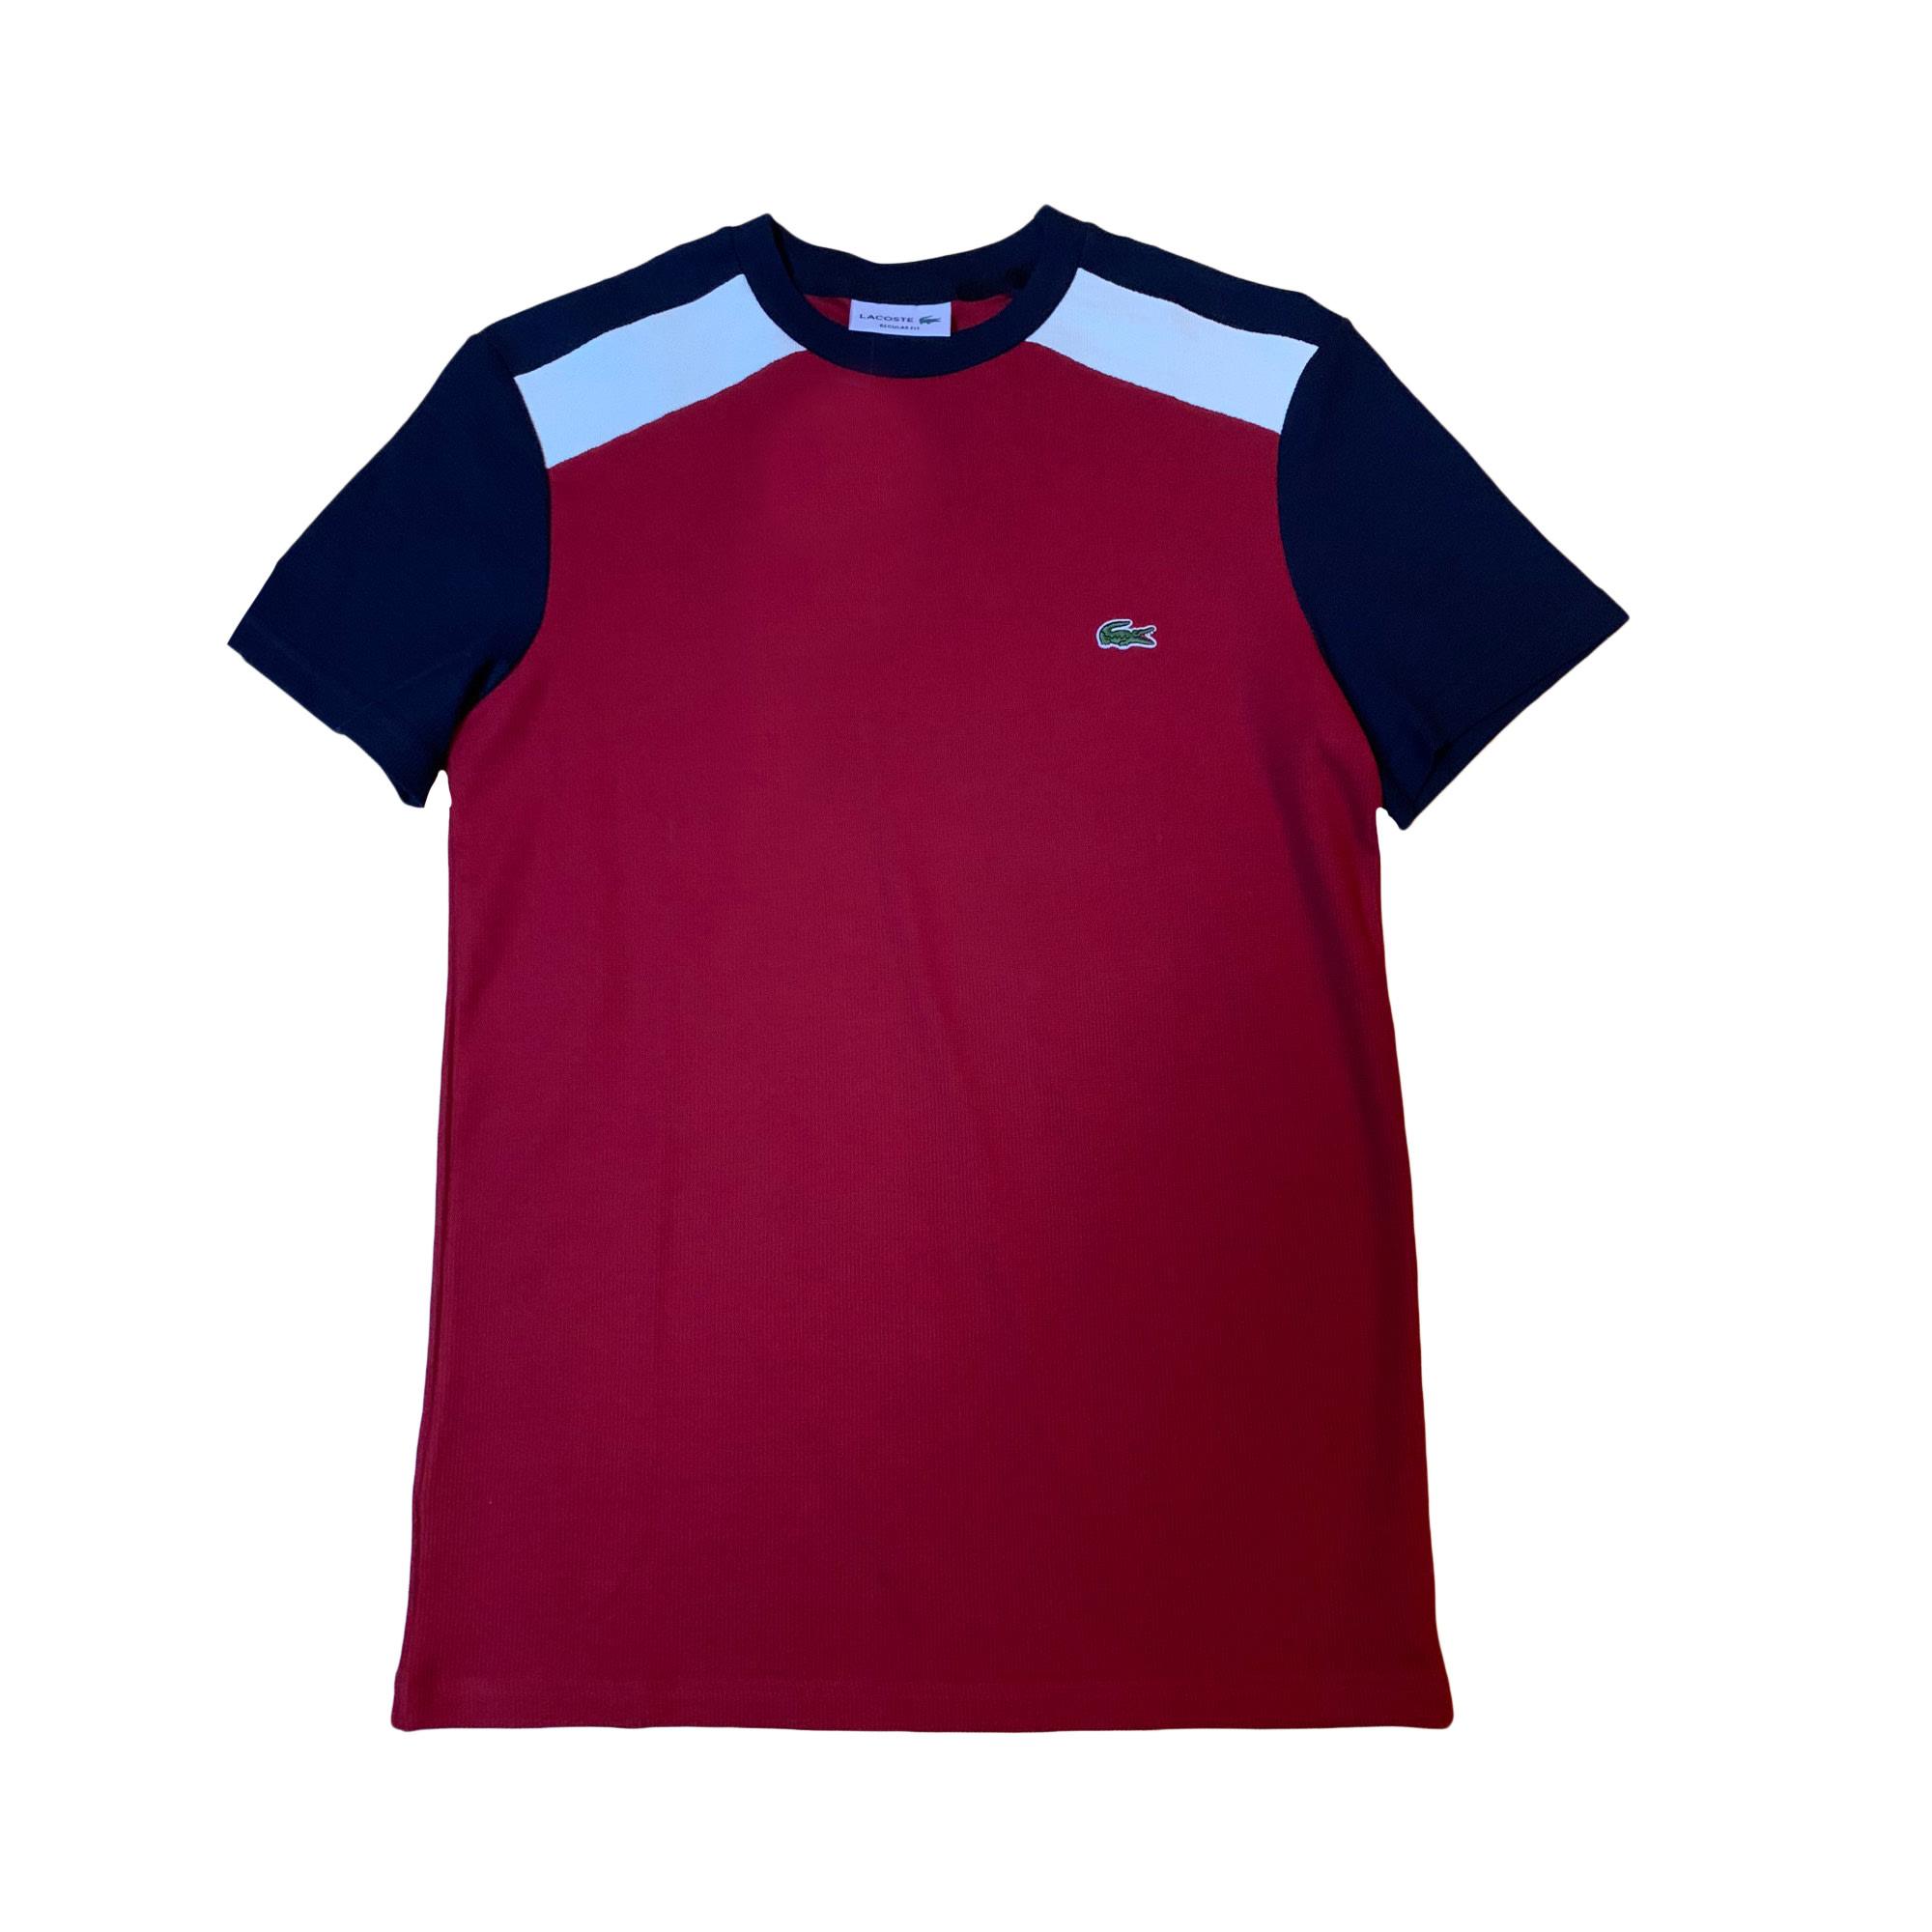 Tee-shirt LACOSTE Rouge, bordeaux